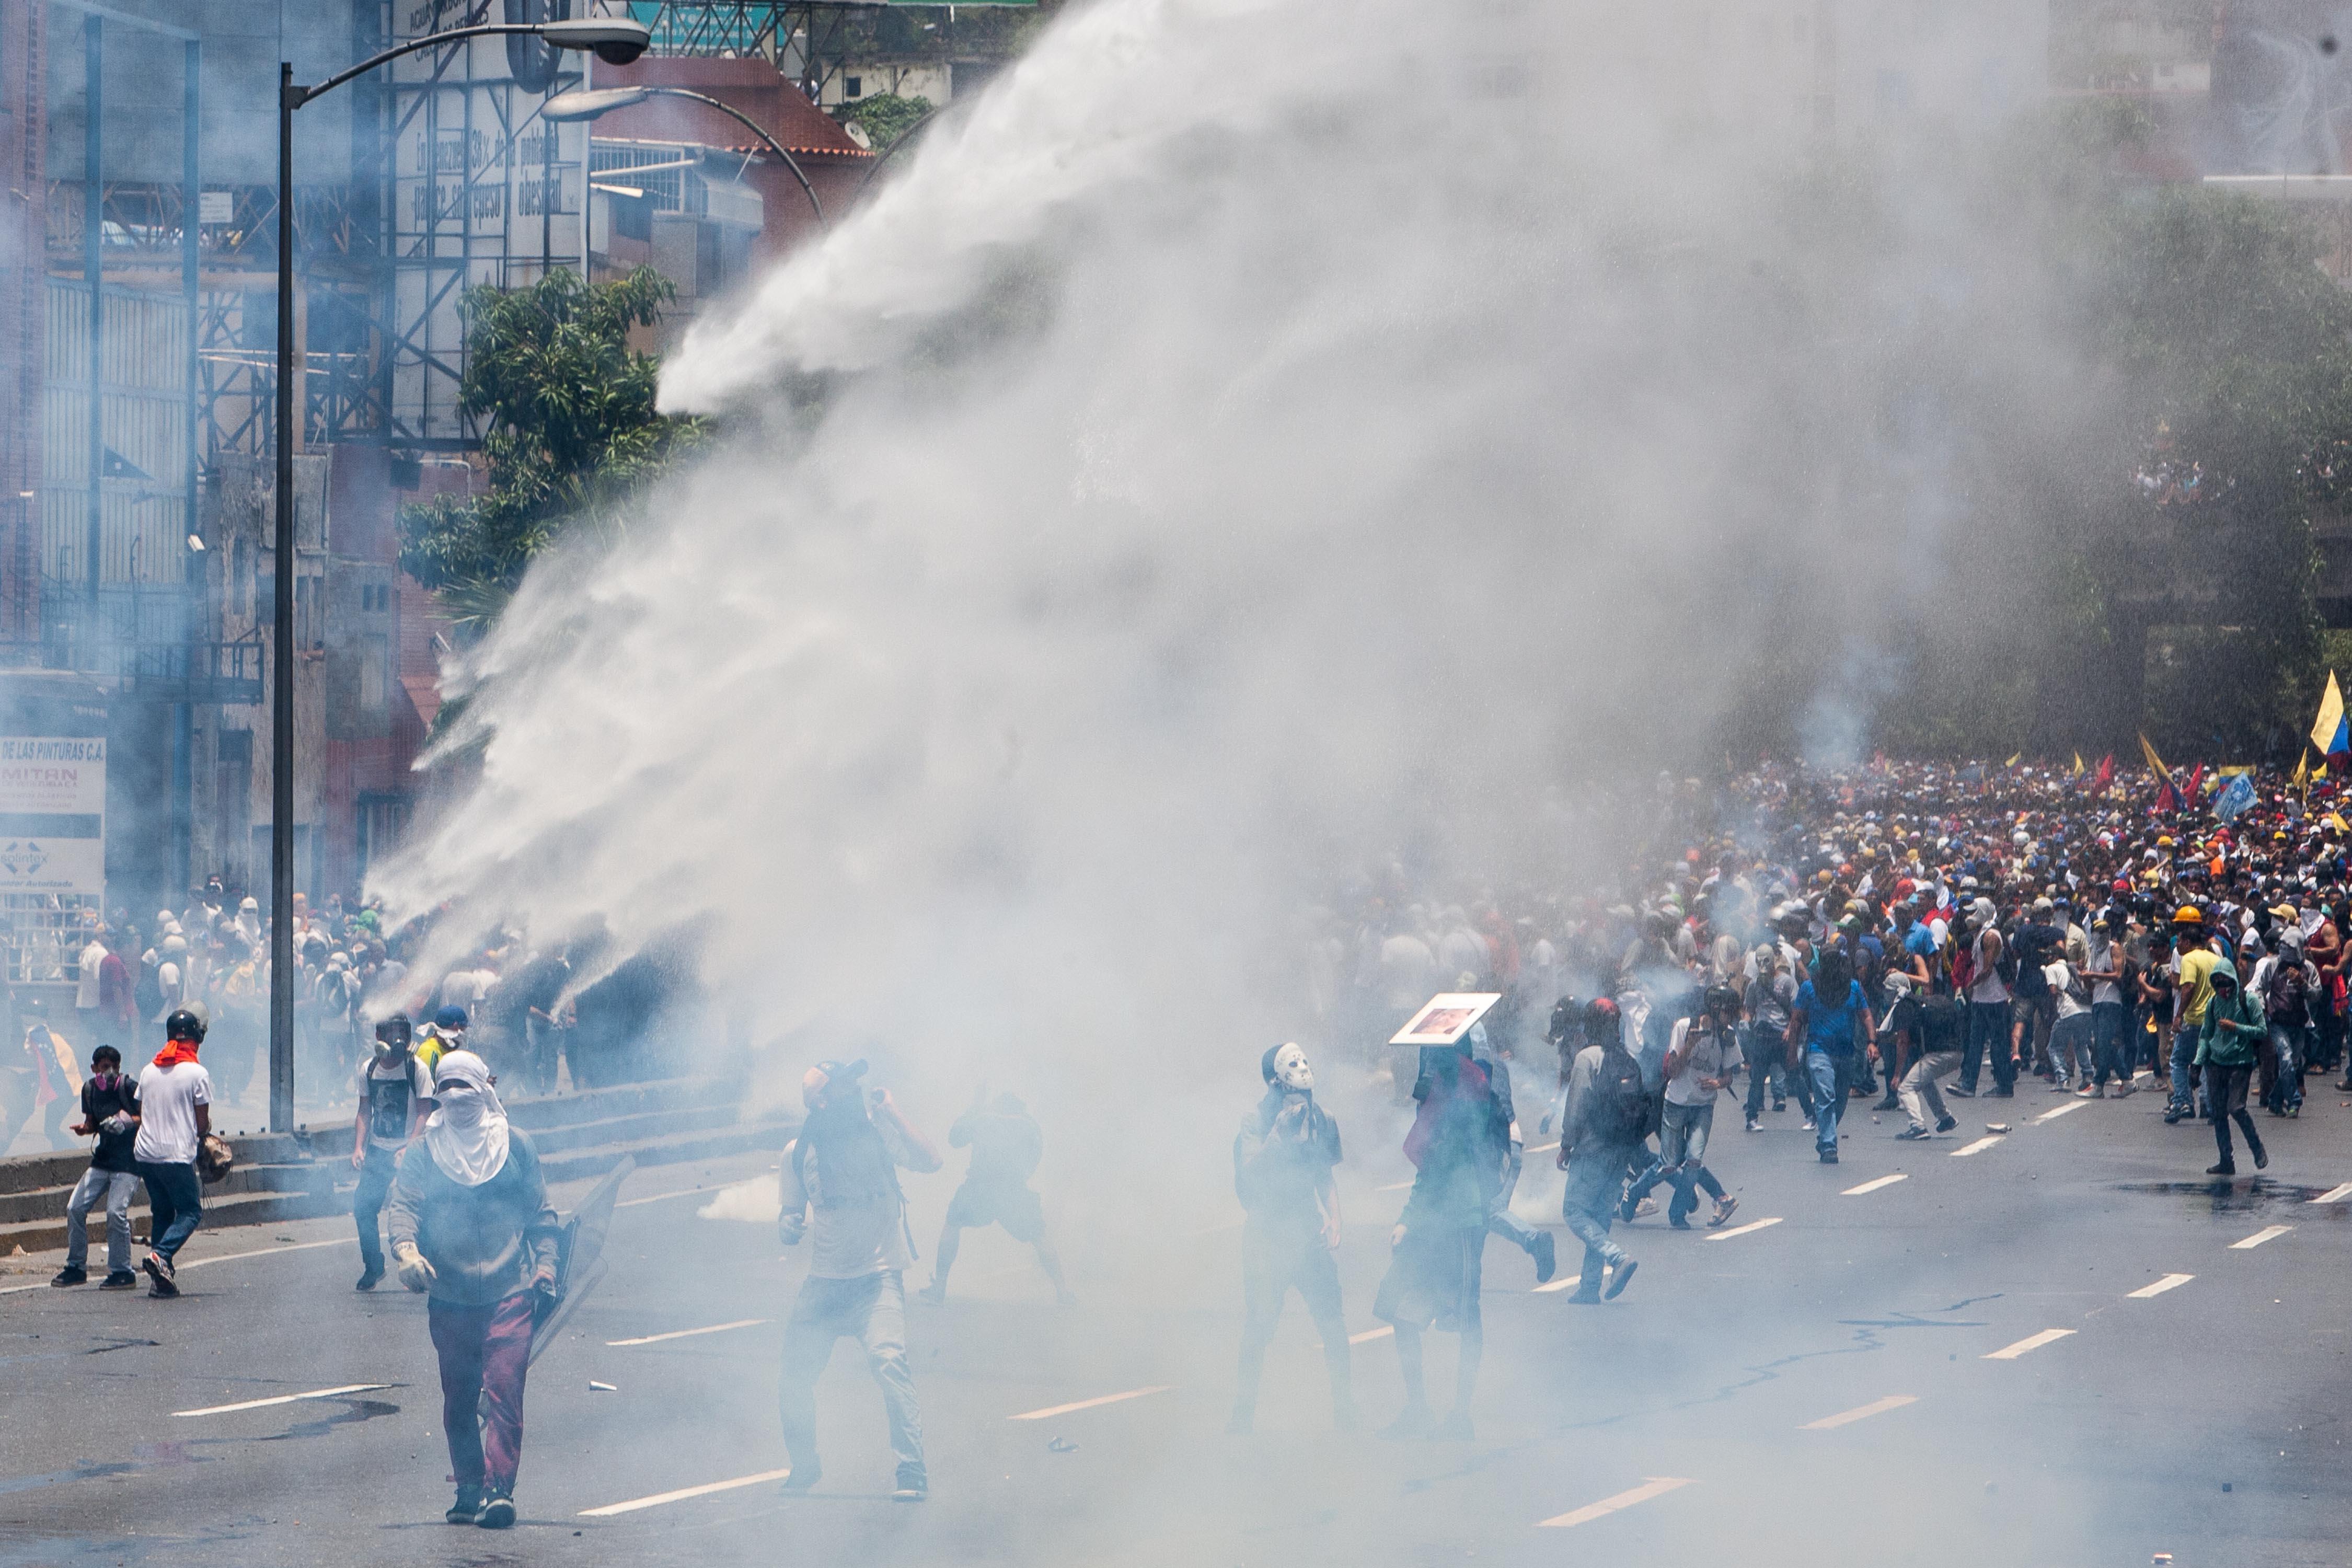 CAR217. CARACAS (VENEZUELA), 19/04/2017 - Un grupo de manifestantes se enfrenta con la policía durante una protesta en contra del Gobierno venezolano hoy, miércoles 19 de abril de 2017, en Caracas (Venezuela). Centenares de opositores en distintos puntos de caracas se enfrentaron hoy a los cuerpos de seguridad para mantenerse en las calles protestando, pese al uso de bombas lacrimógenas por parte de las fuerzas policiales para dispersar y bloquear el paso de las marchas. EFE/CRISTIAN HERNANDEZ